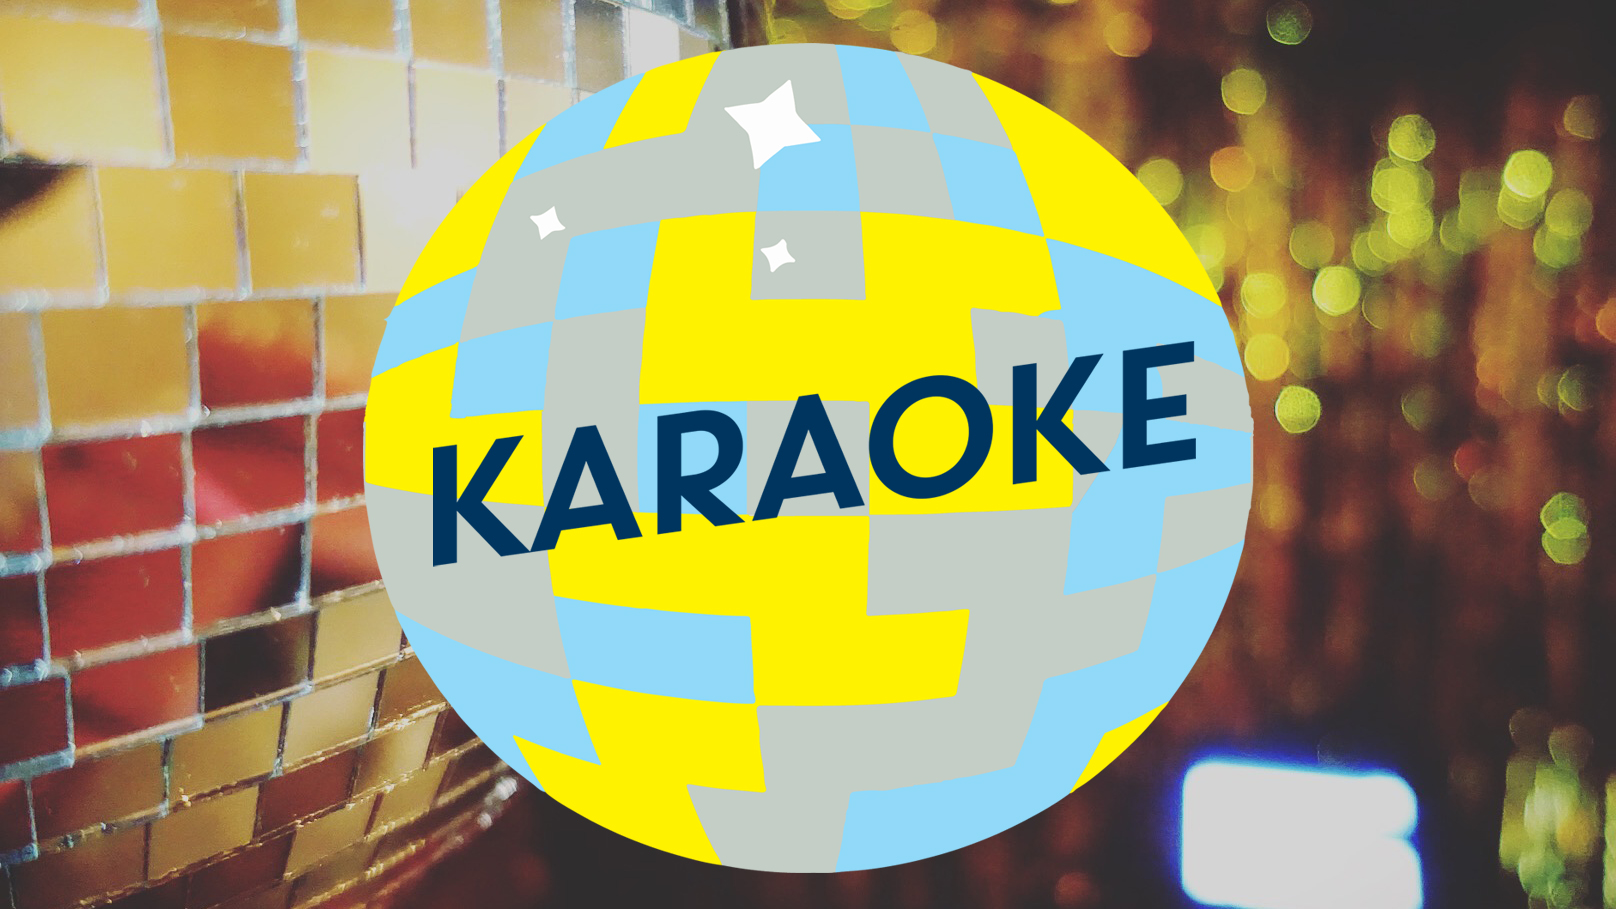 Karaoke BANNER.jpg